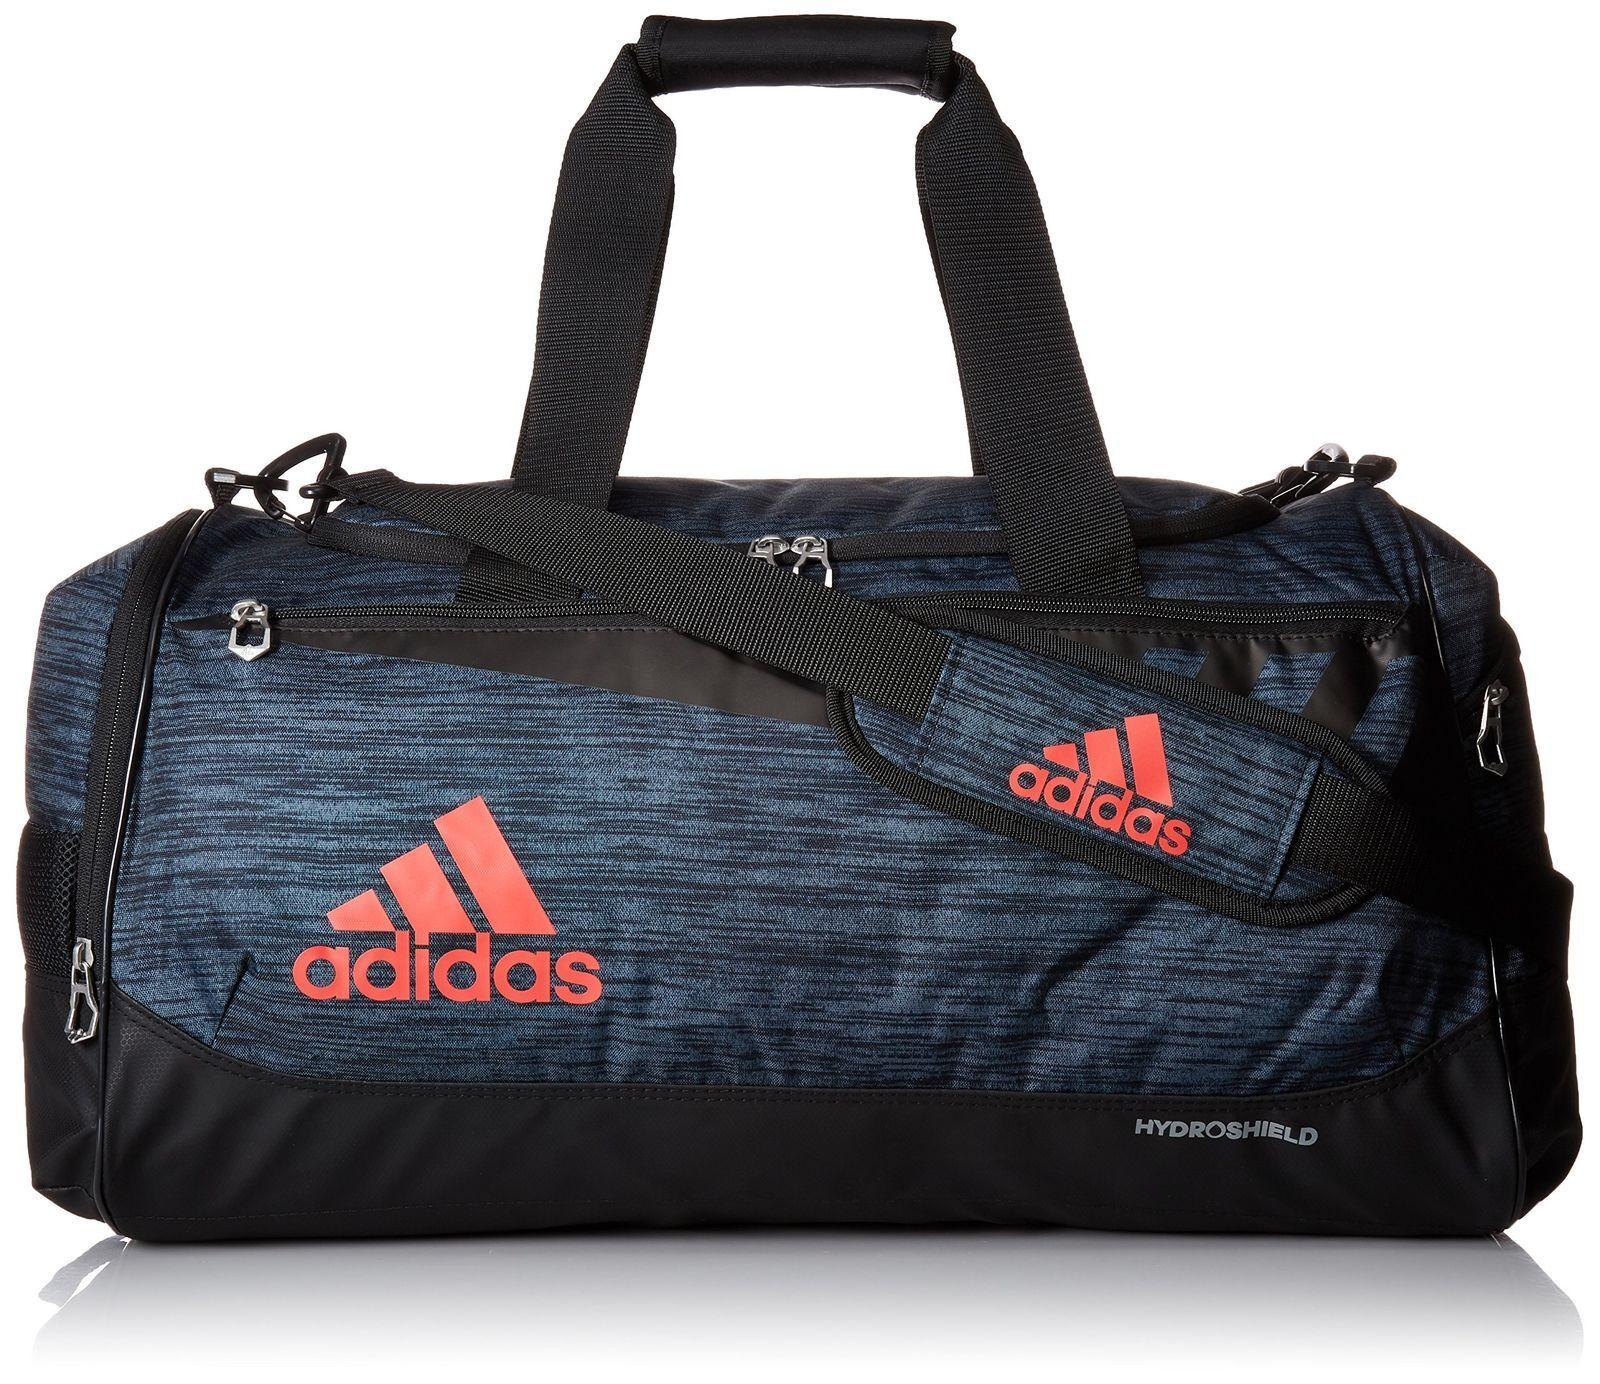 adidas Team Issue Duffel Bag, Red, Medium